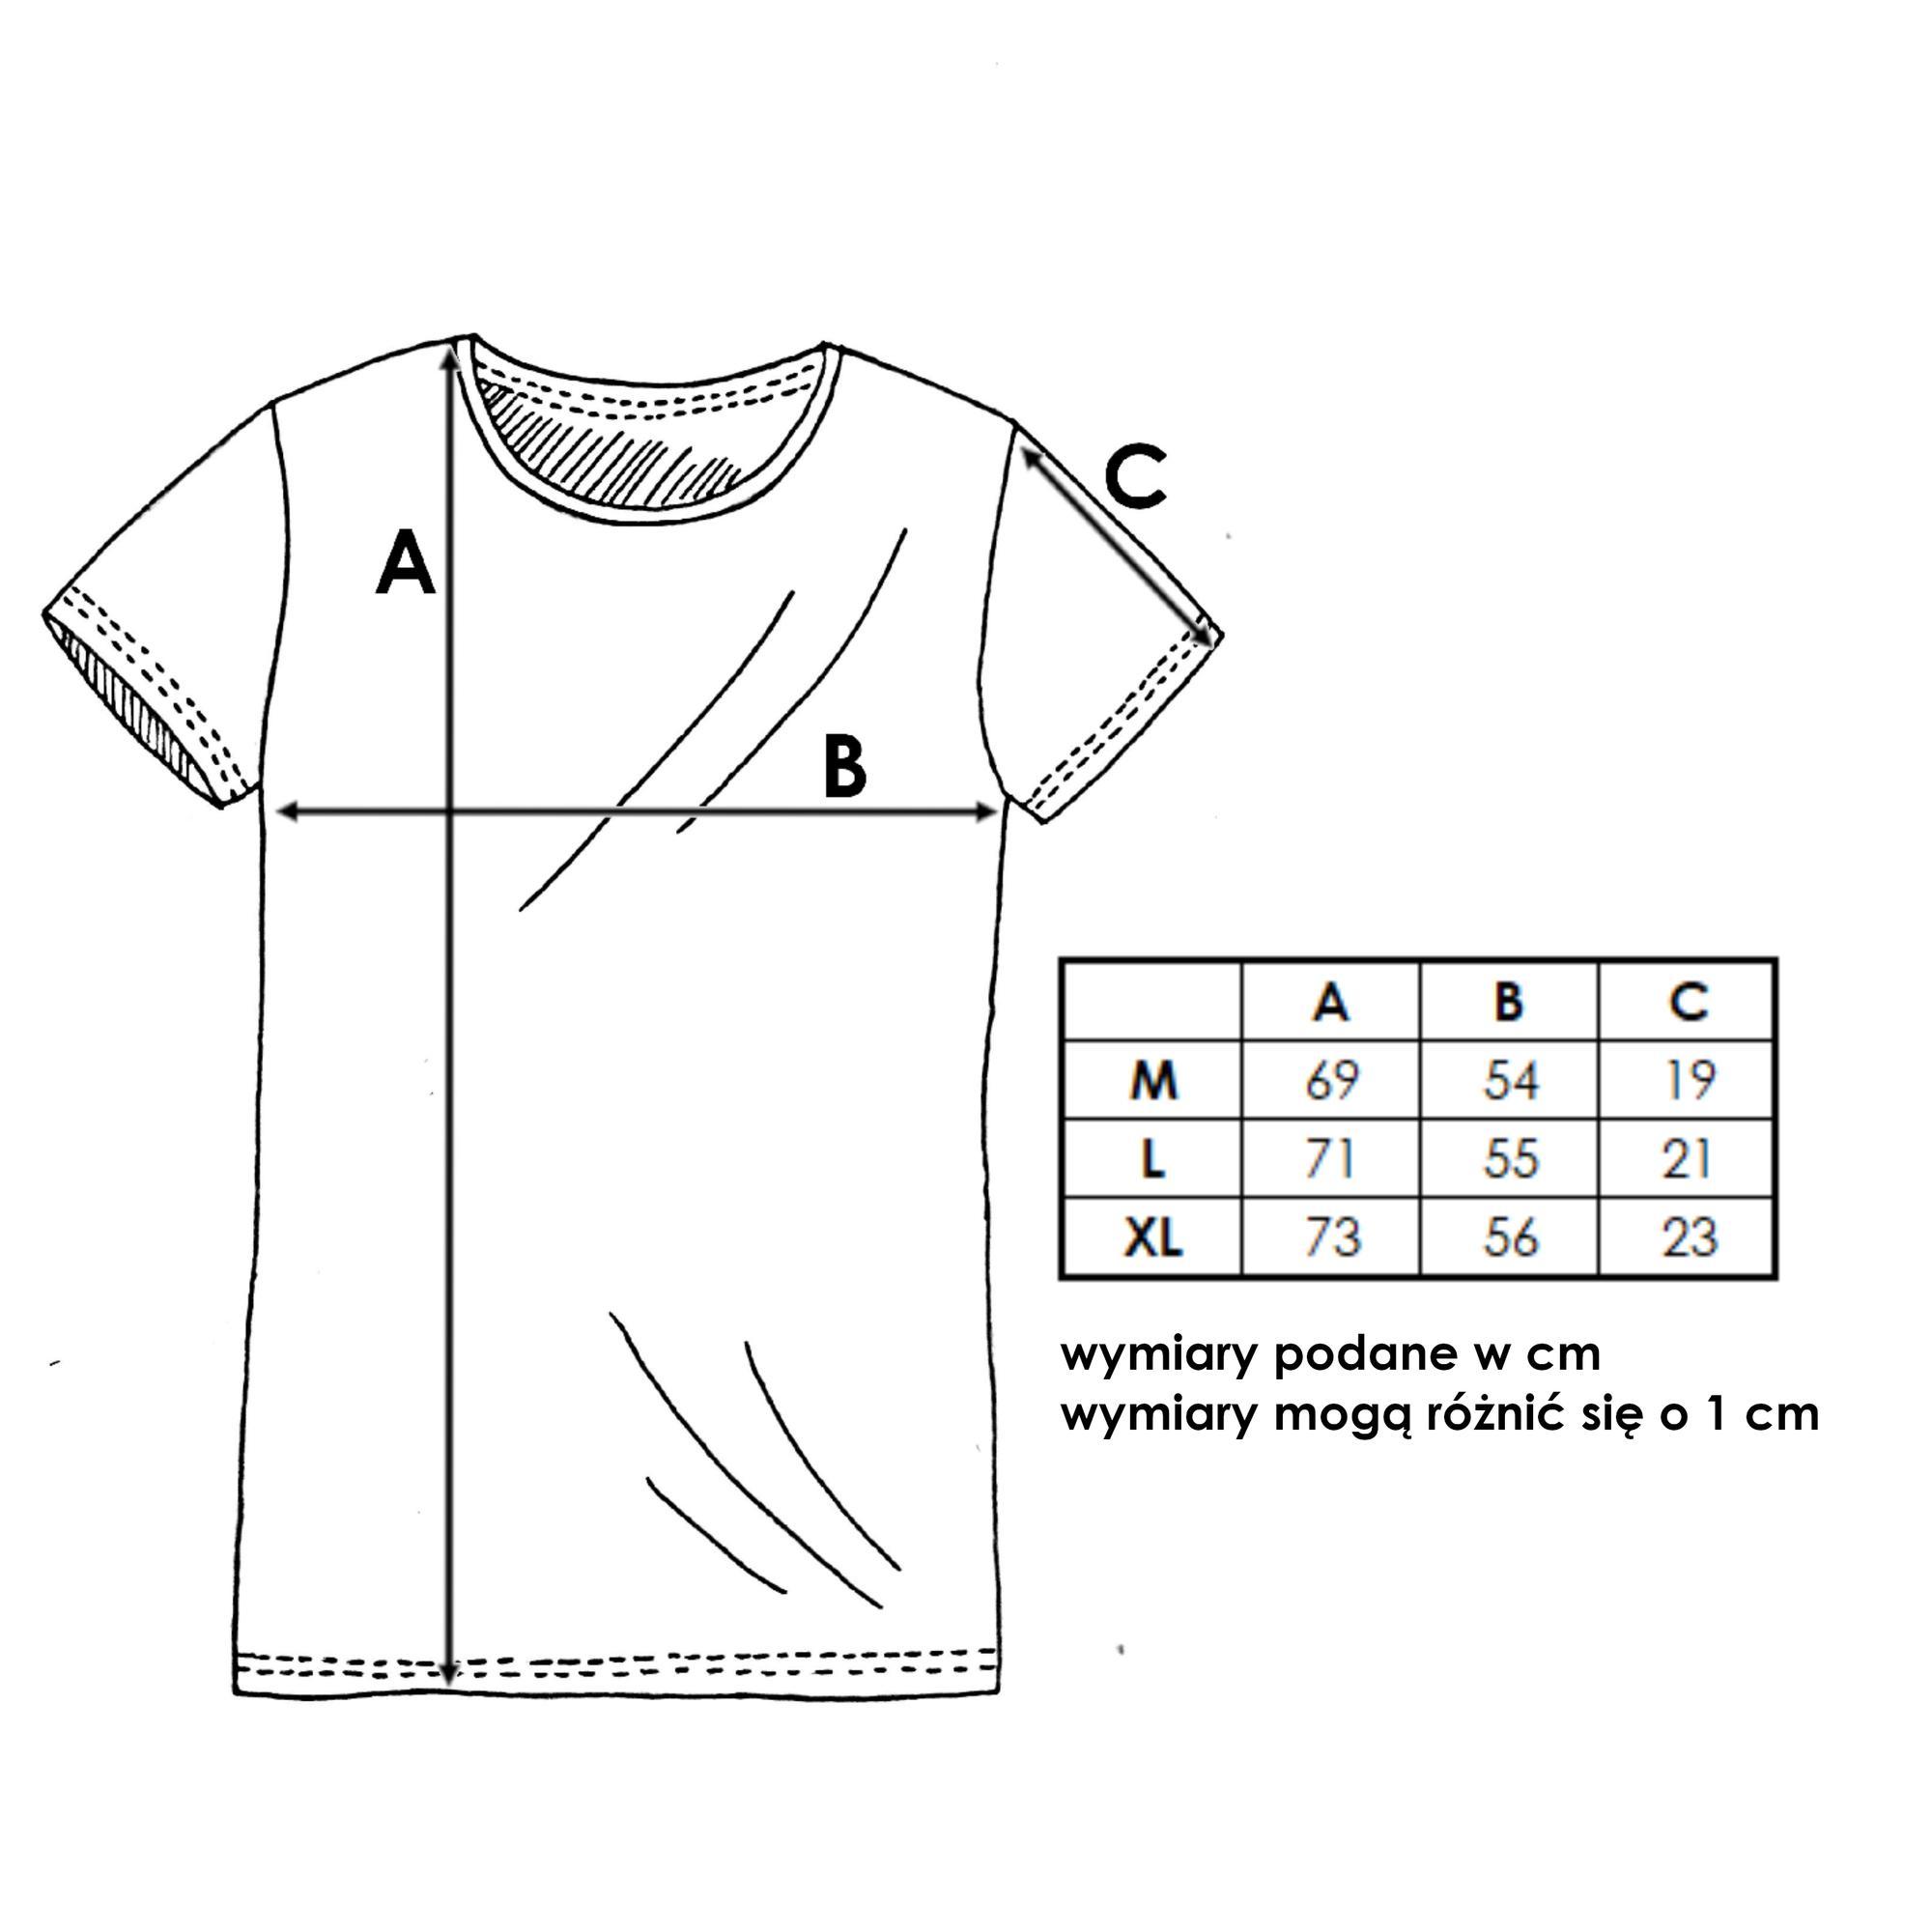 T-shirt męski czarny o klasycznym kroju. Mała metka z logo na dole koszulki.100% polska bawełna najwyższej jakości.Dostępne rozmiary: M, L, XL.Tabela rozmiarów dostępna w zdjęciach produktu.